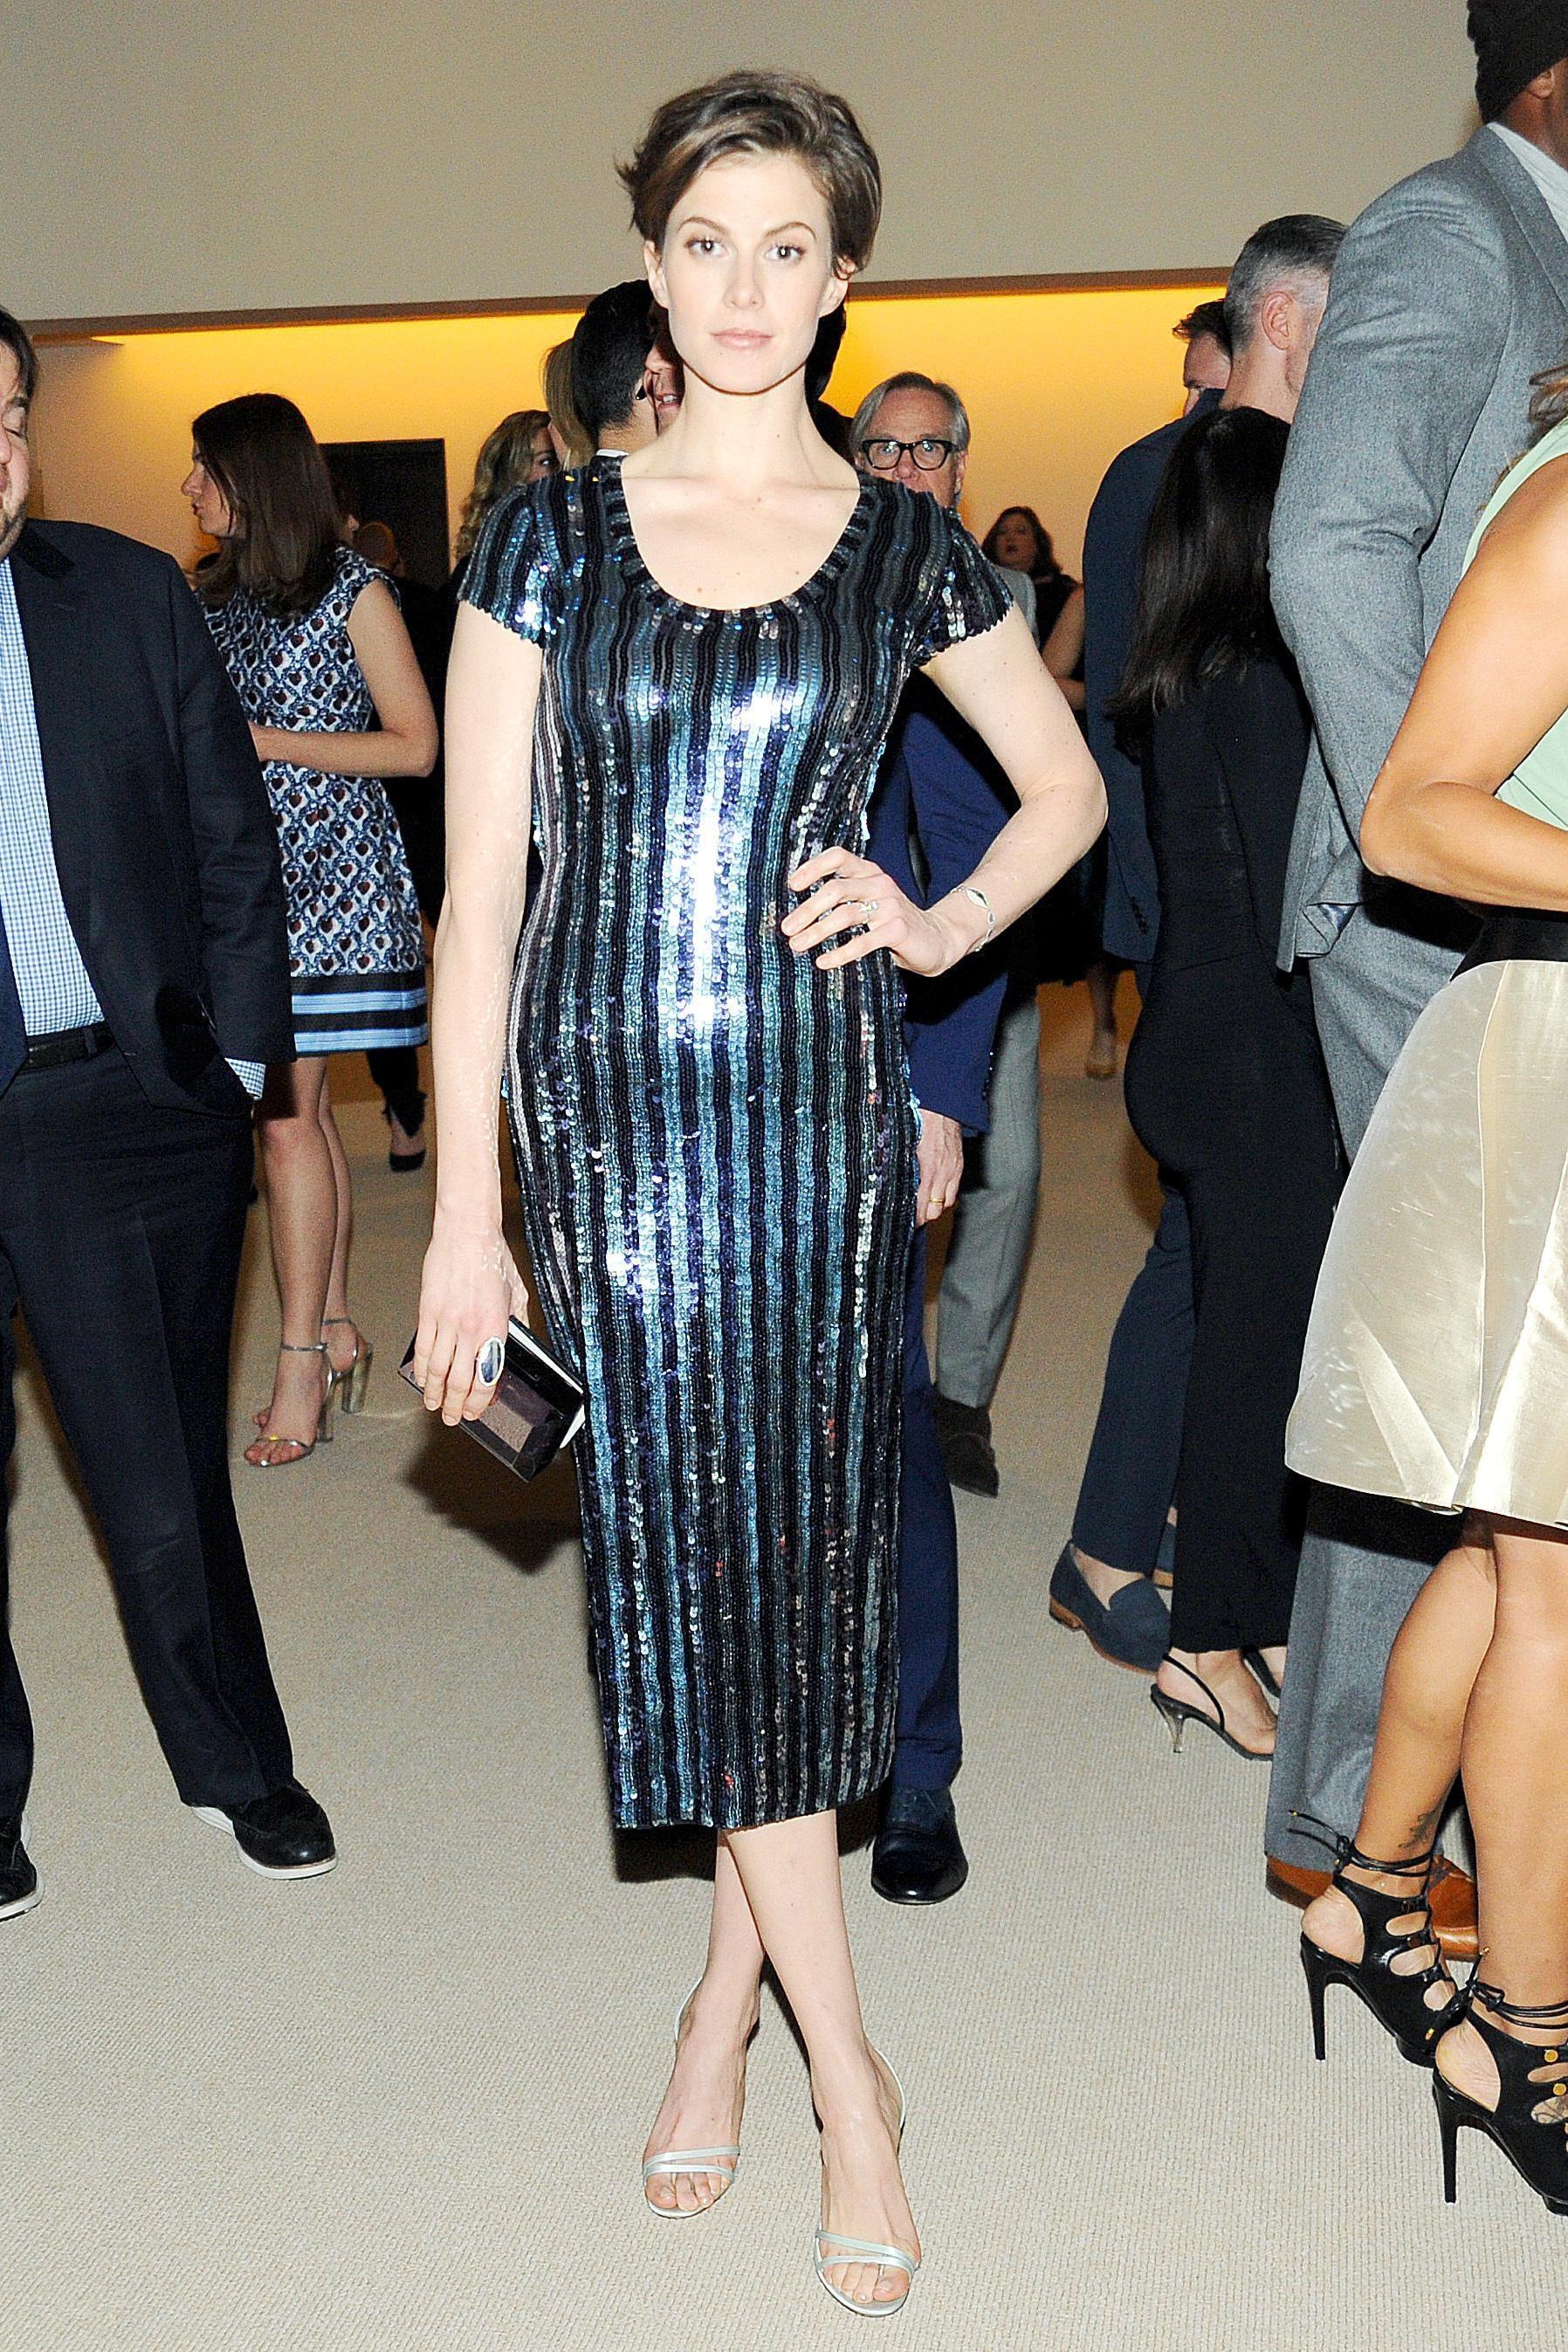 Elettra Wiedemann at the CFDA/Vogue Fashion Fund Awards.